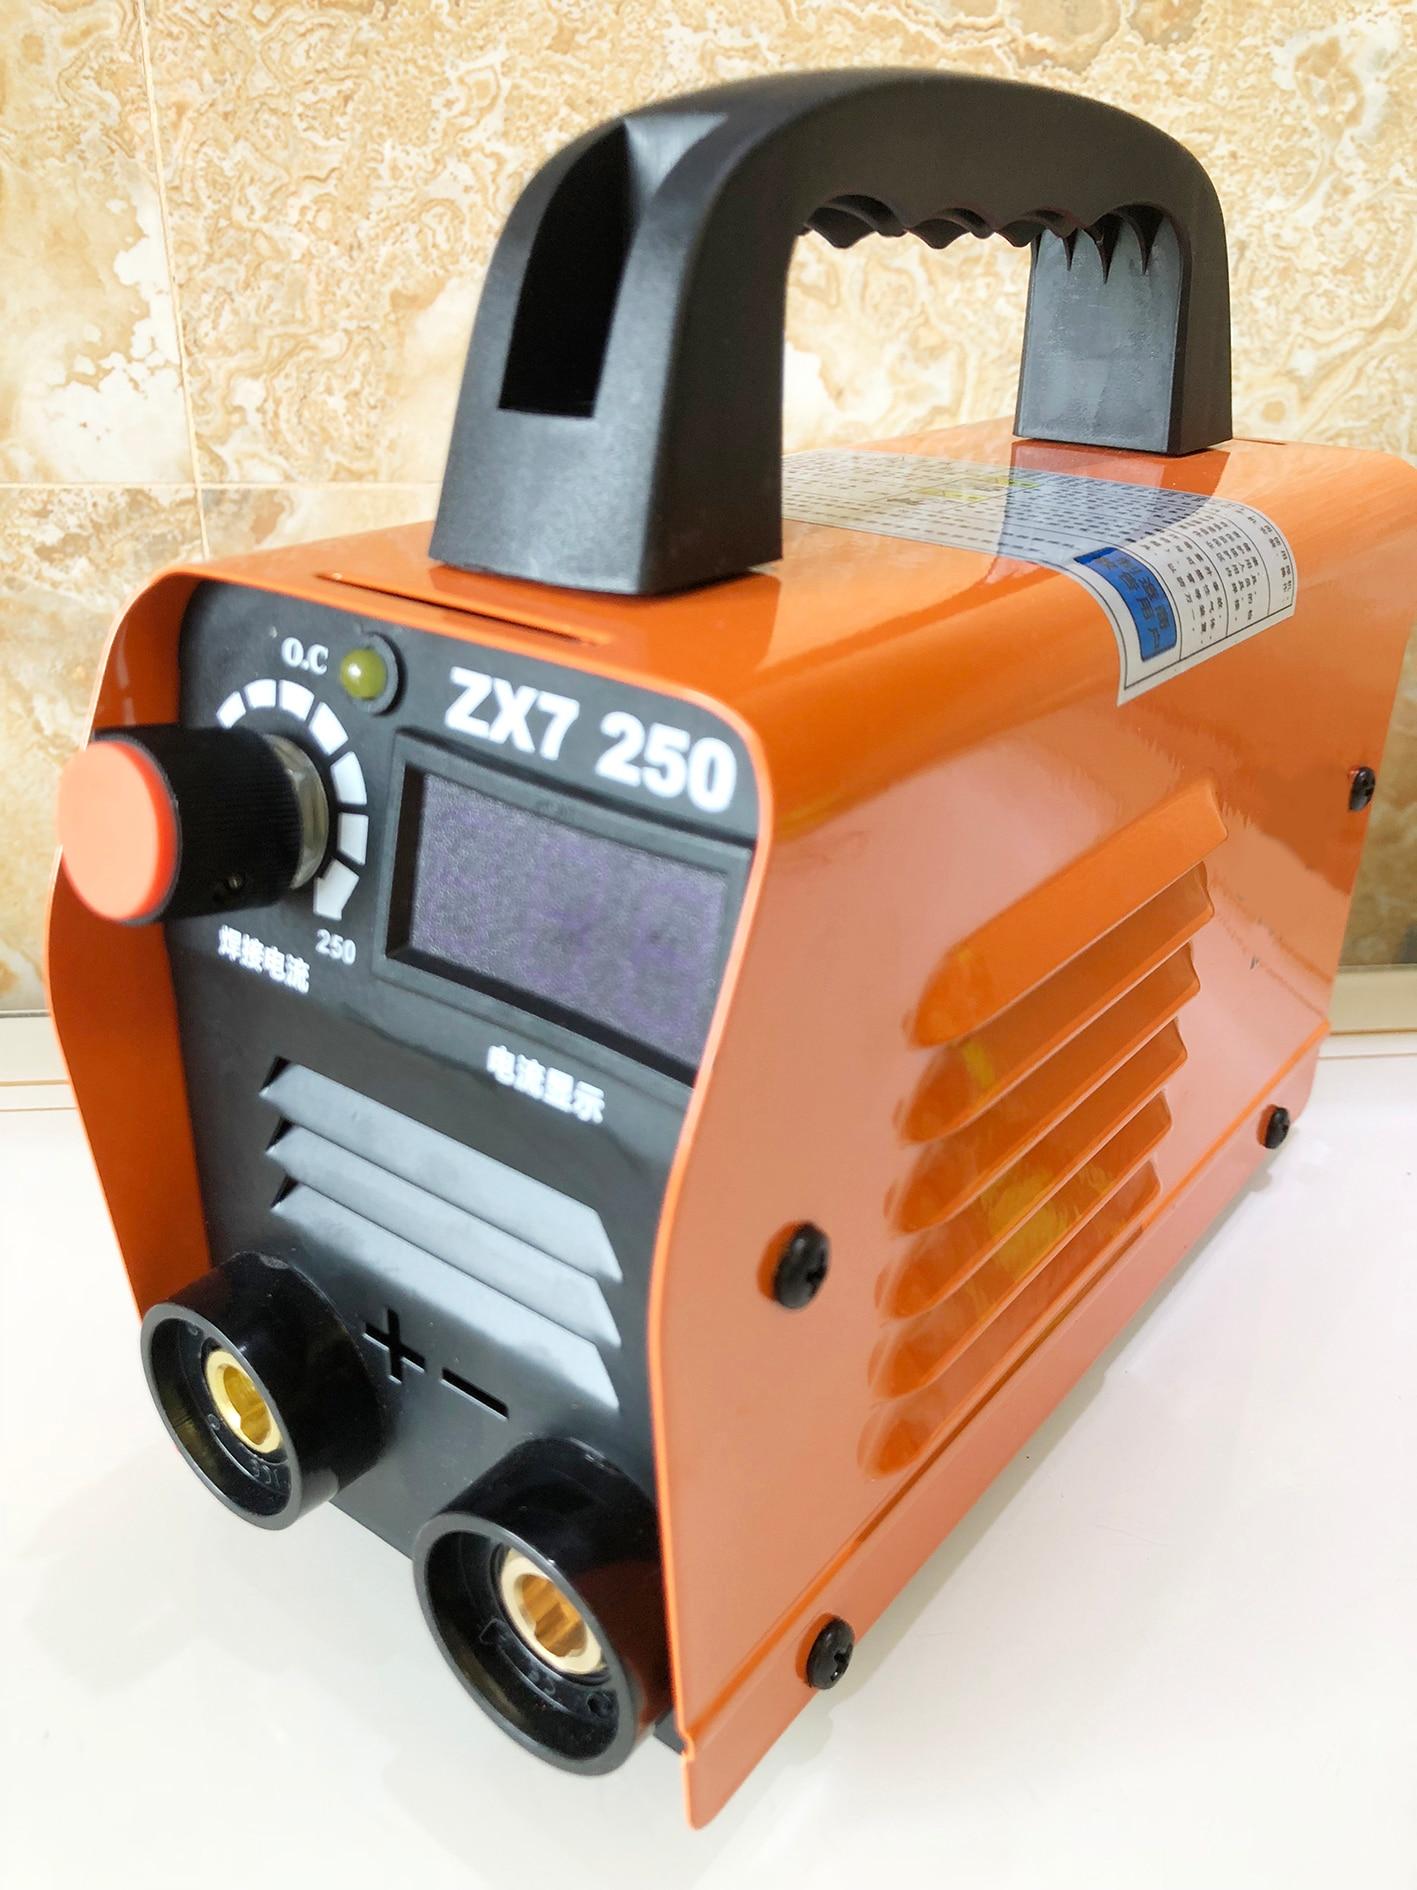 ZX7-250 мини сварочный аппарат дуговой сварочный аппарат 220 В MMA сварочный инвертор Полуавтоматическое устройство